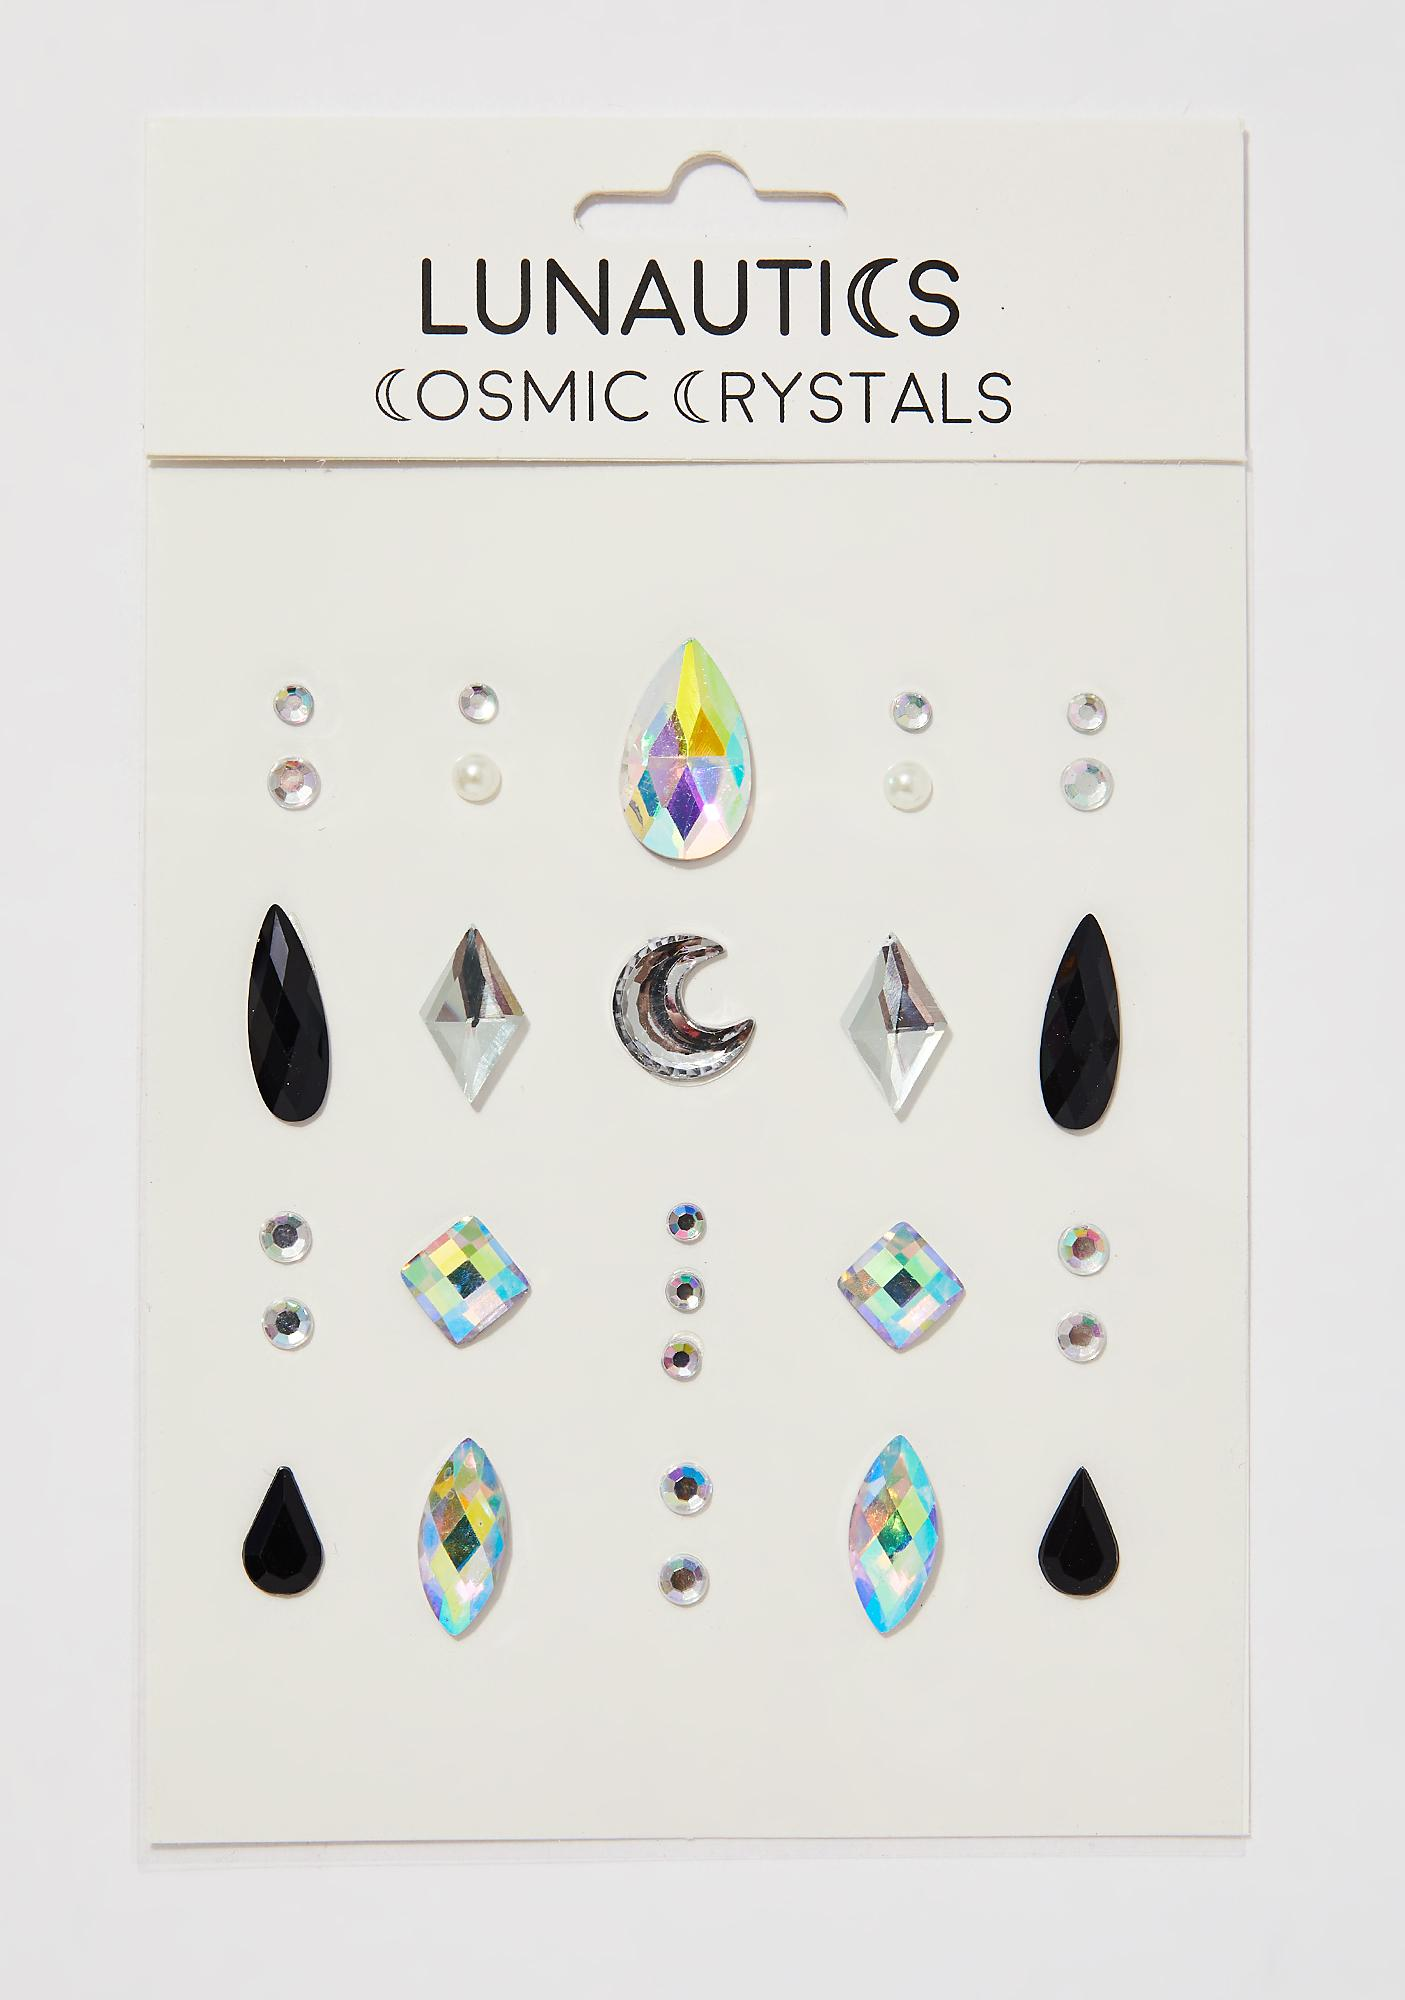 Lunautics Rain Drops Mixed Crystal Pack